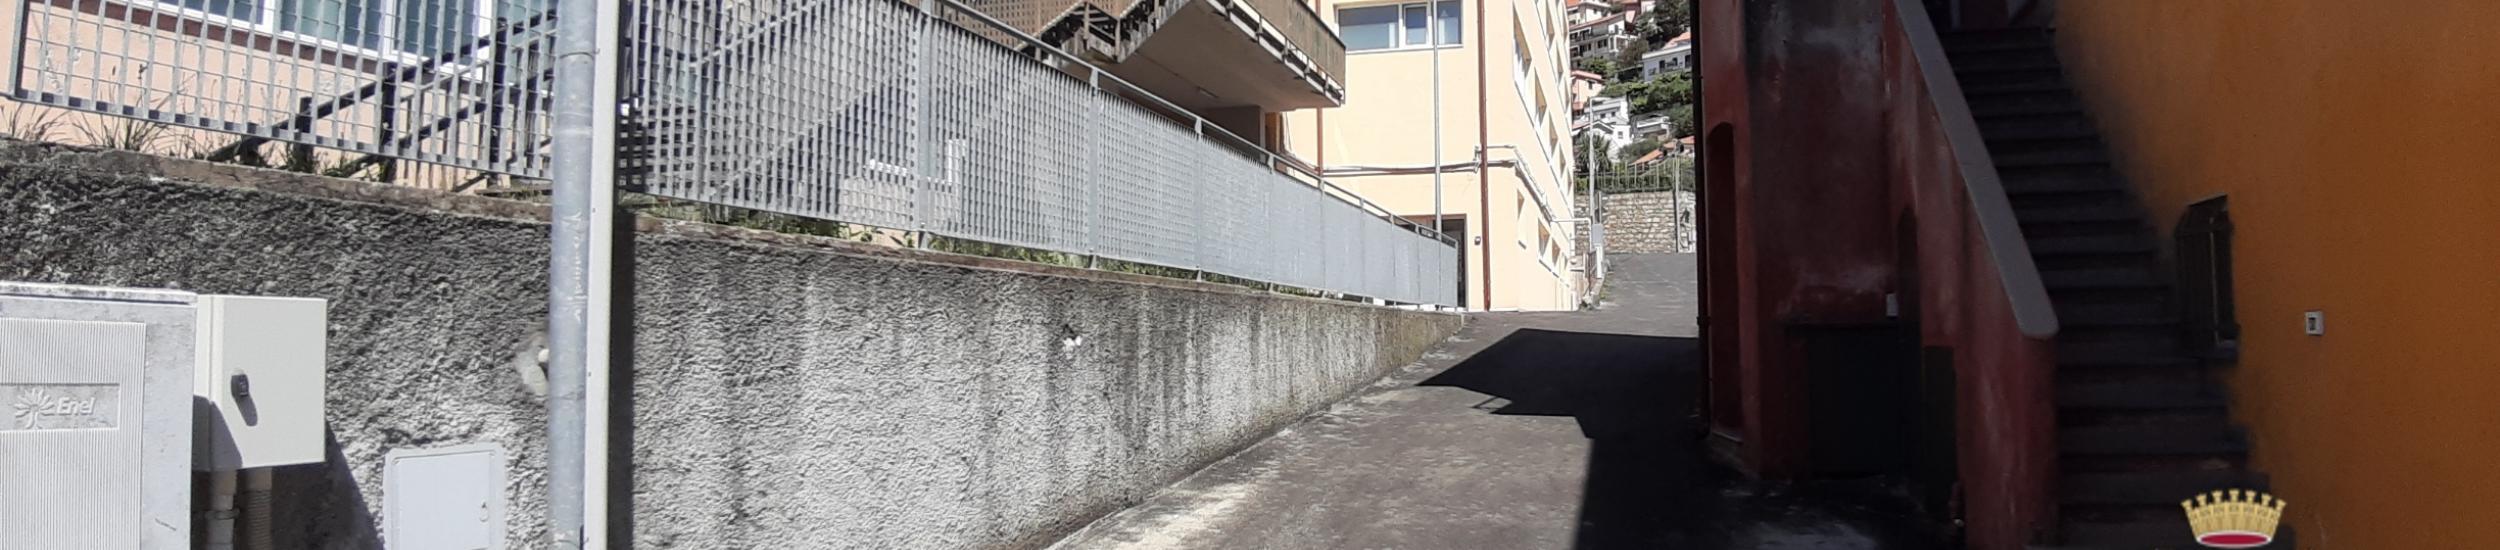 Asfaltatura piazzale scuola Casarza Ligure